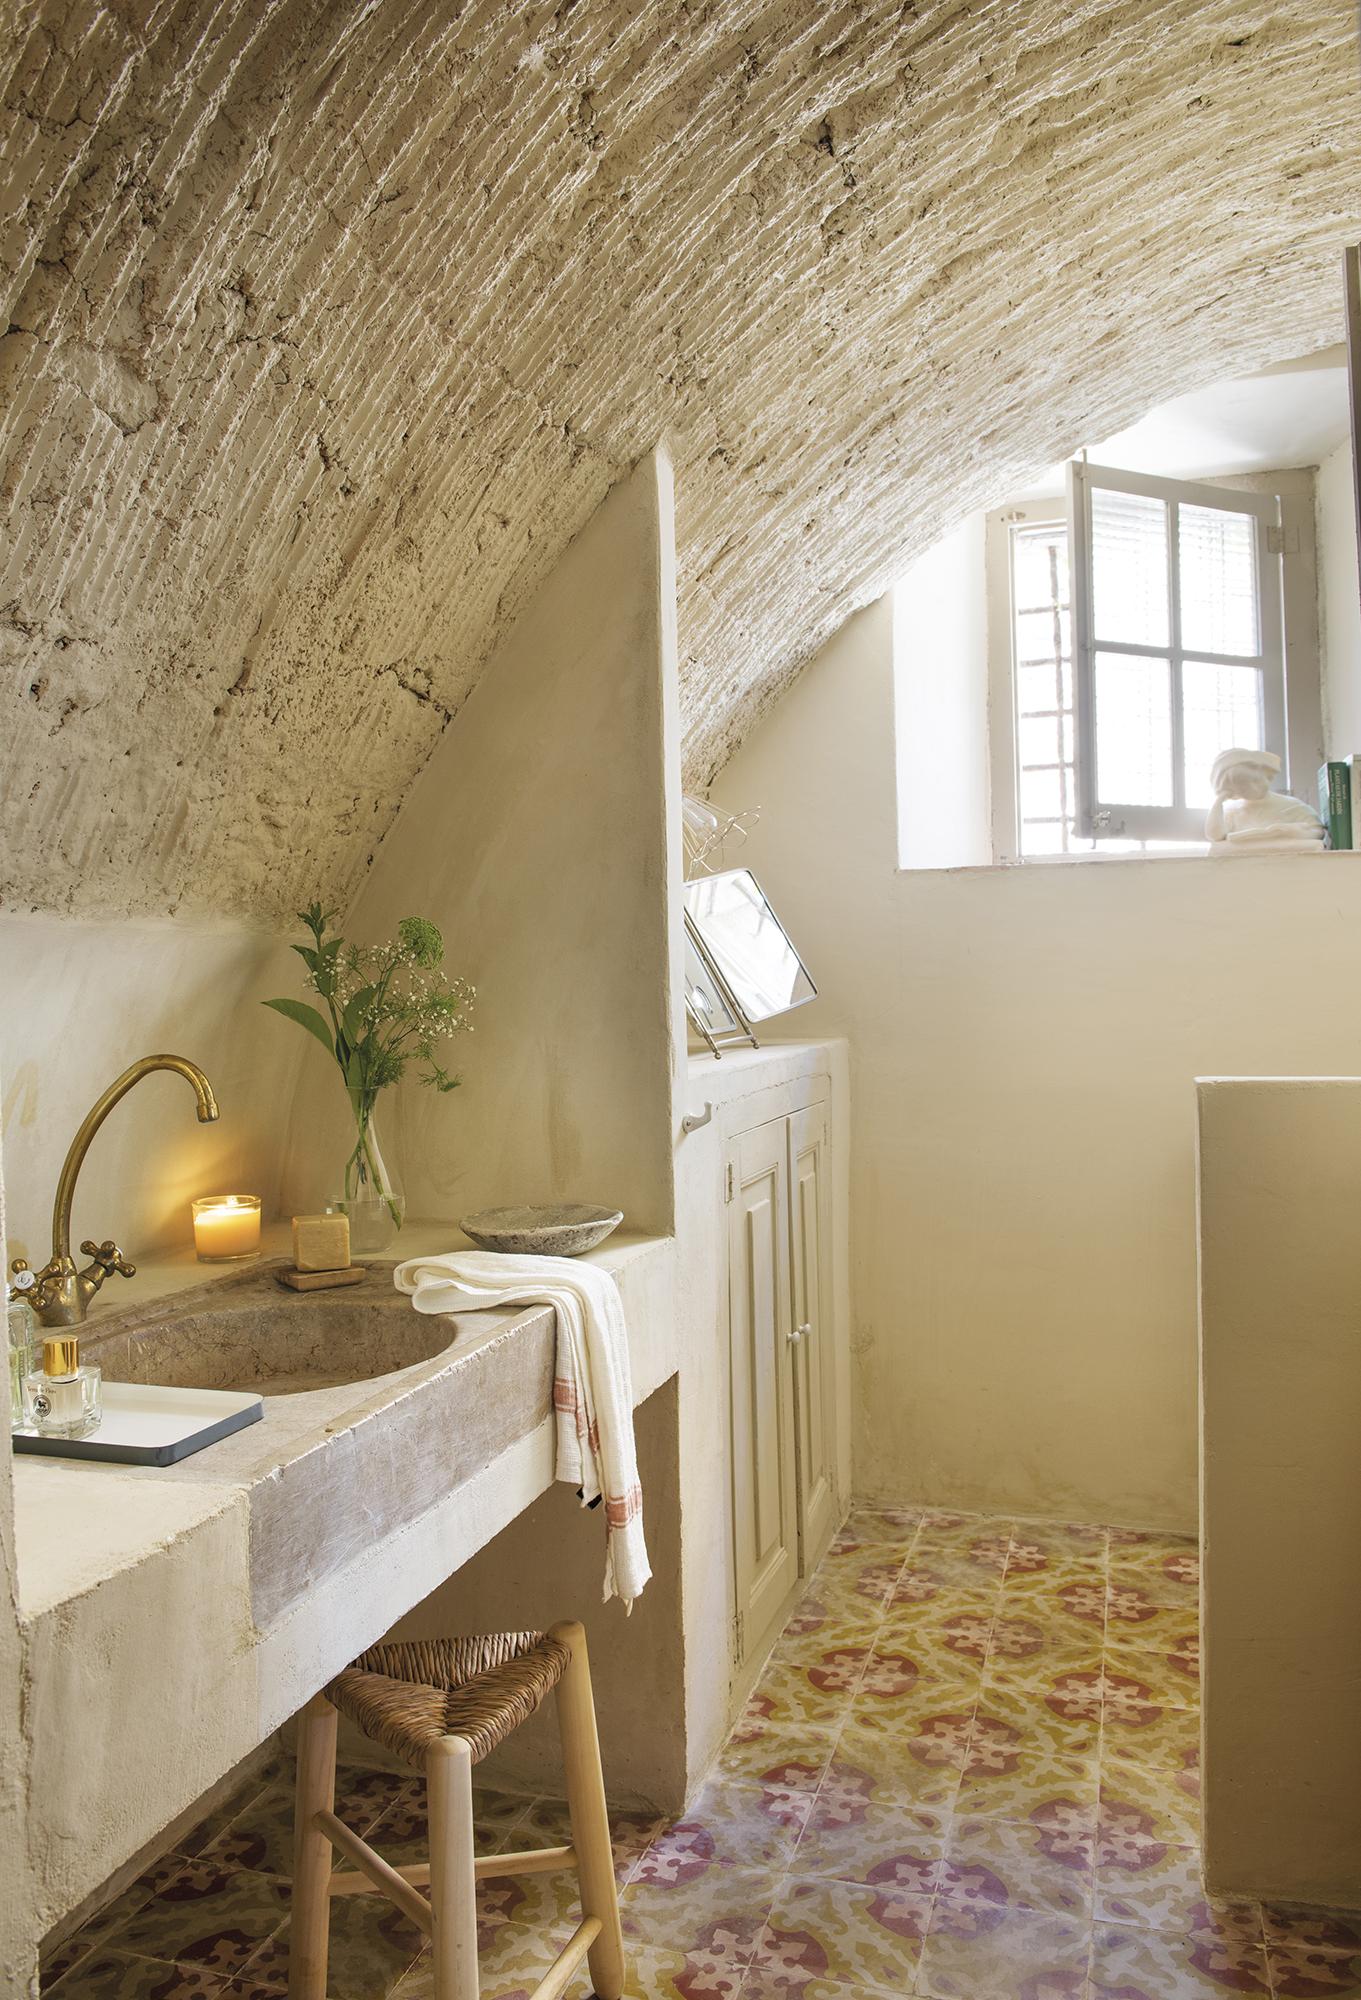 Una casa rural renovada para parecer antigua - Encimera de piedra ...